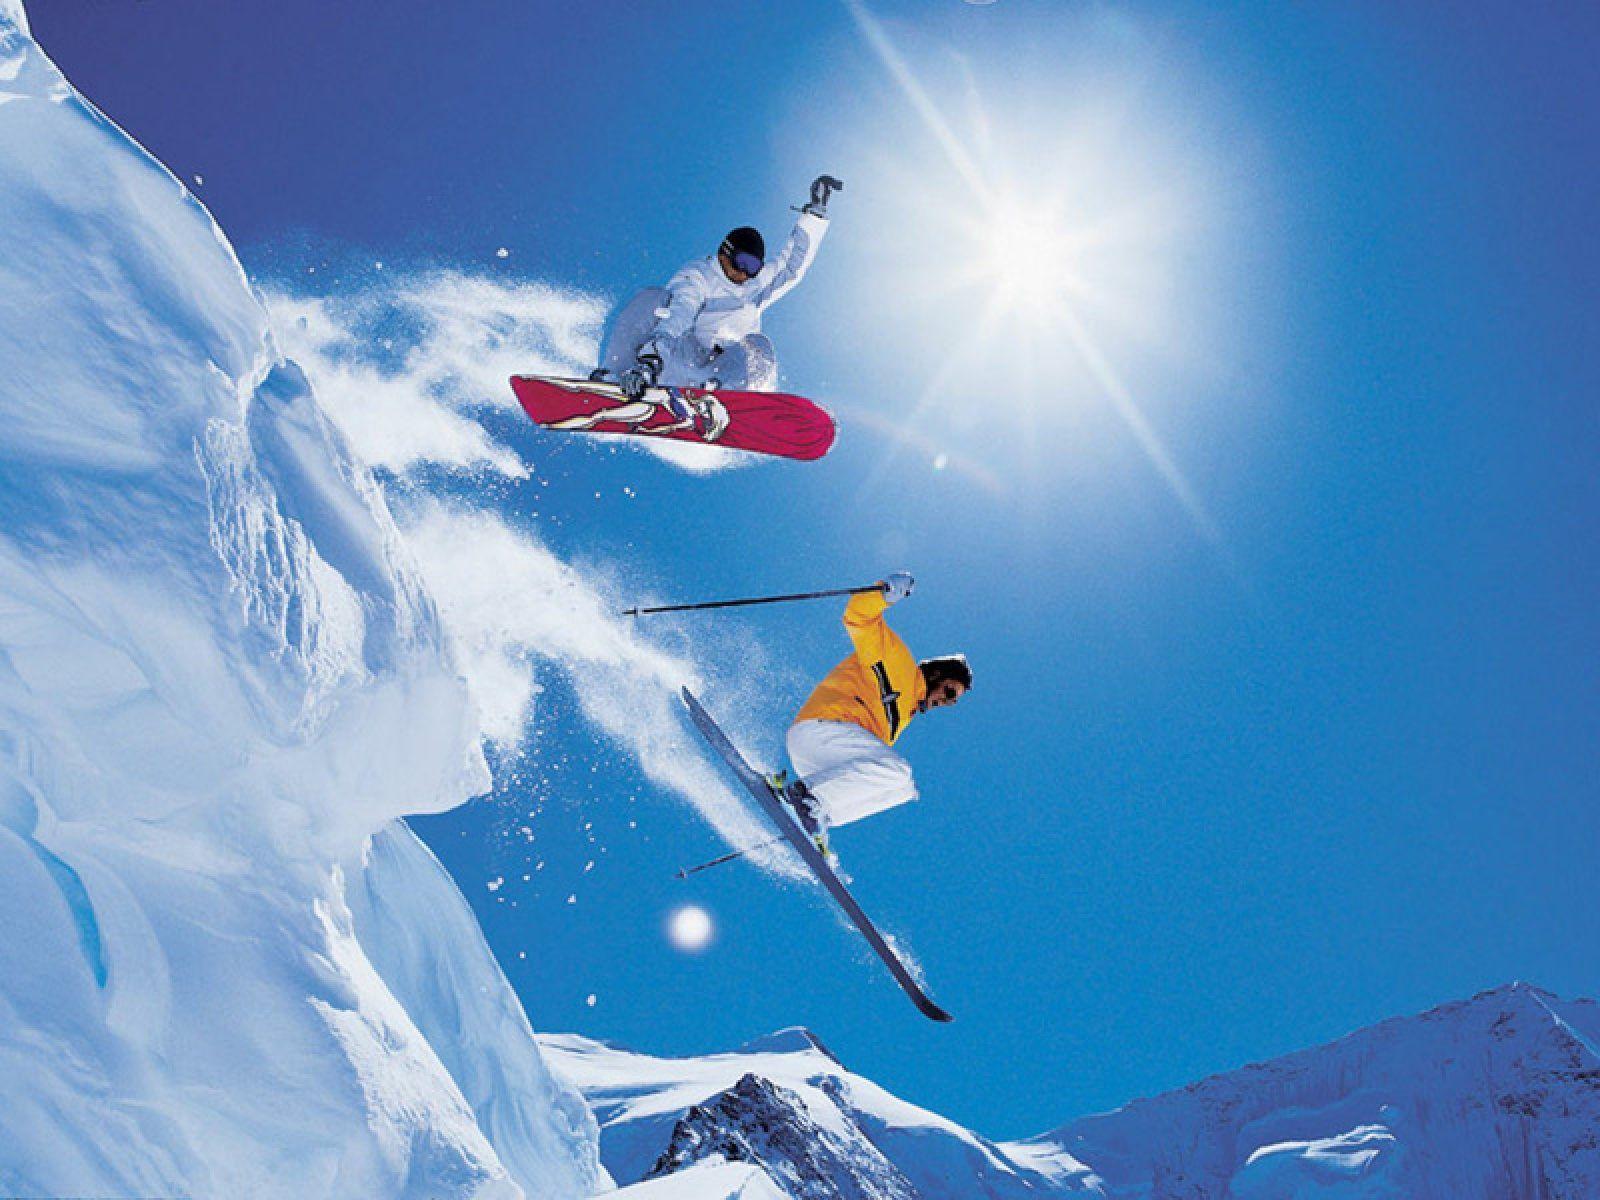 Лыжи или сноуборд? Неважно – главное, правильная шапка!